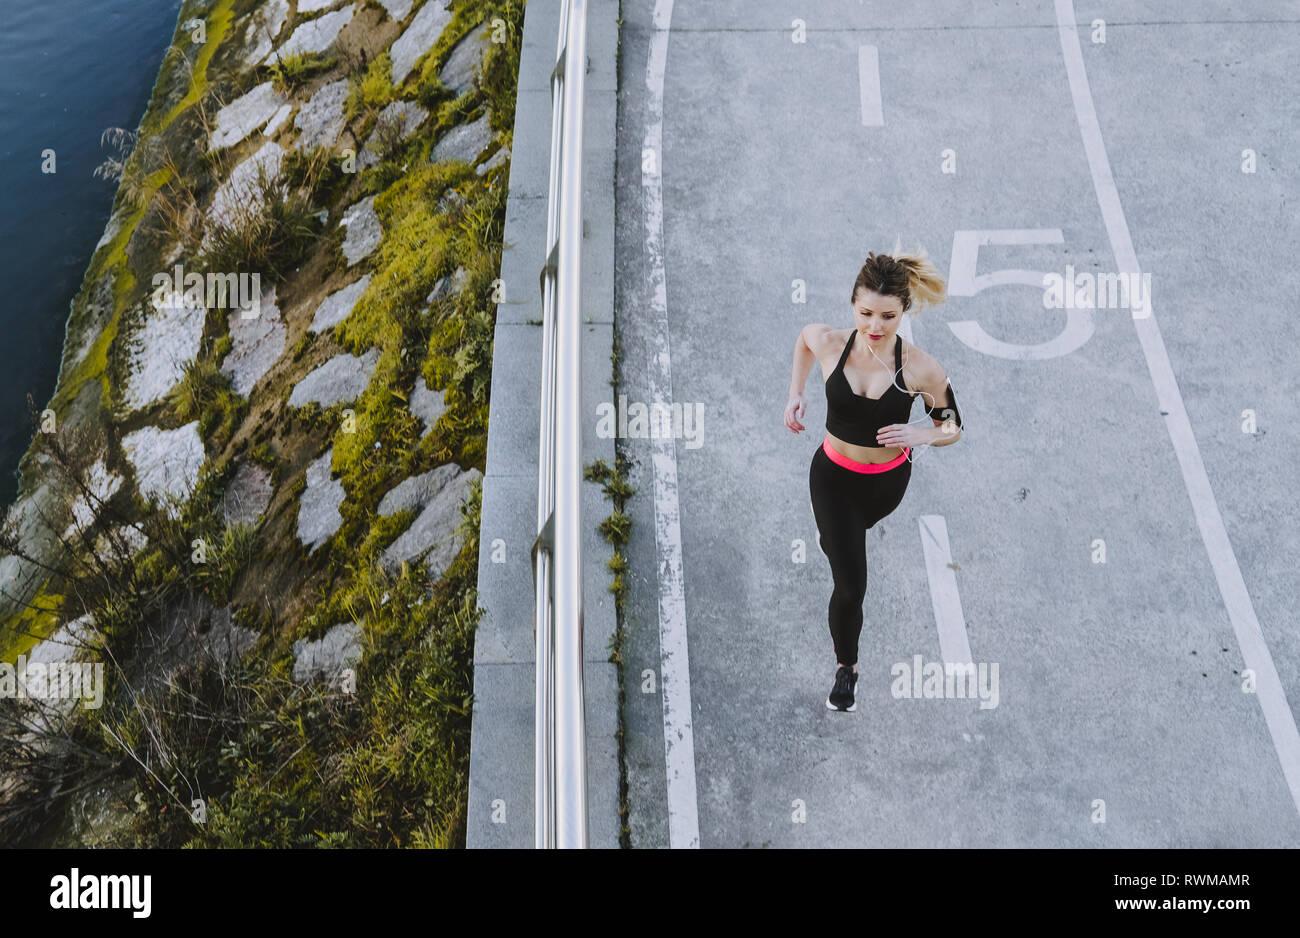 Von oben junge Dame in Sportswear läuft am Kai in der Nähe von Wasser in der Stadt Stockbild